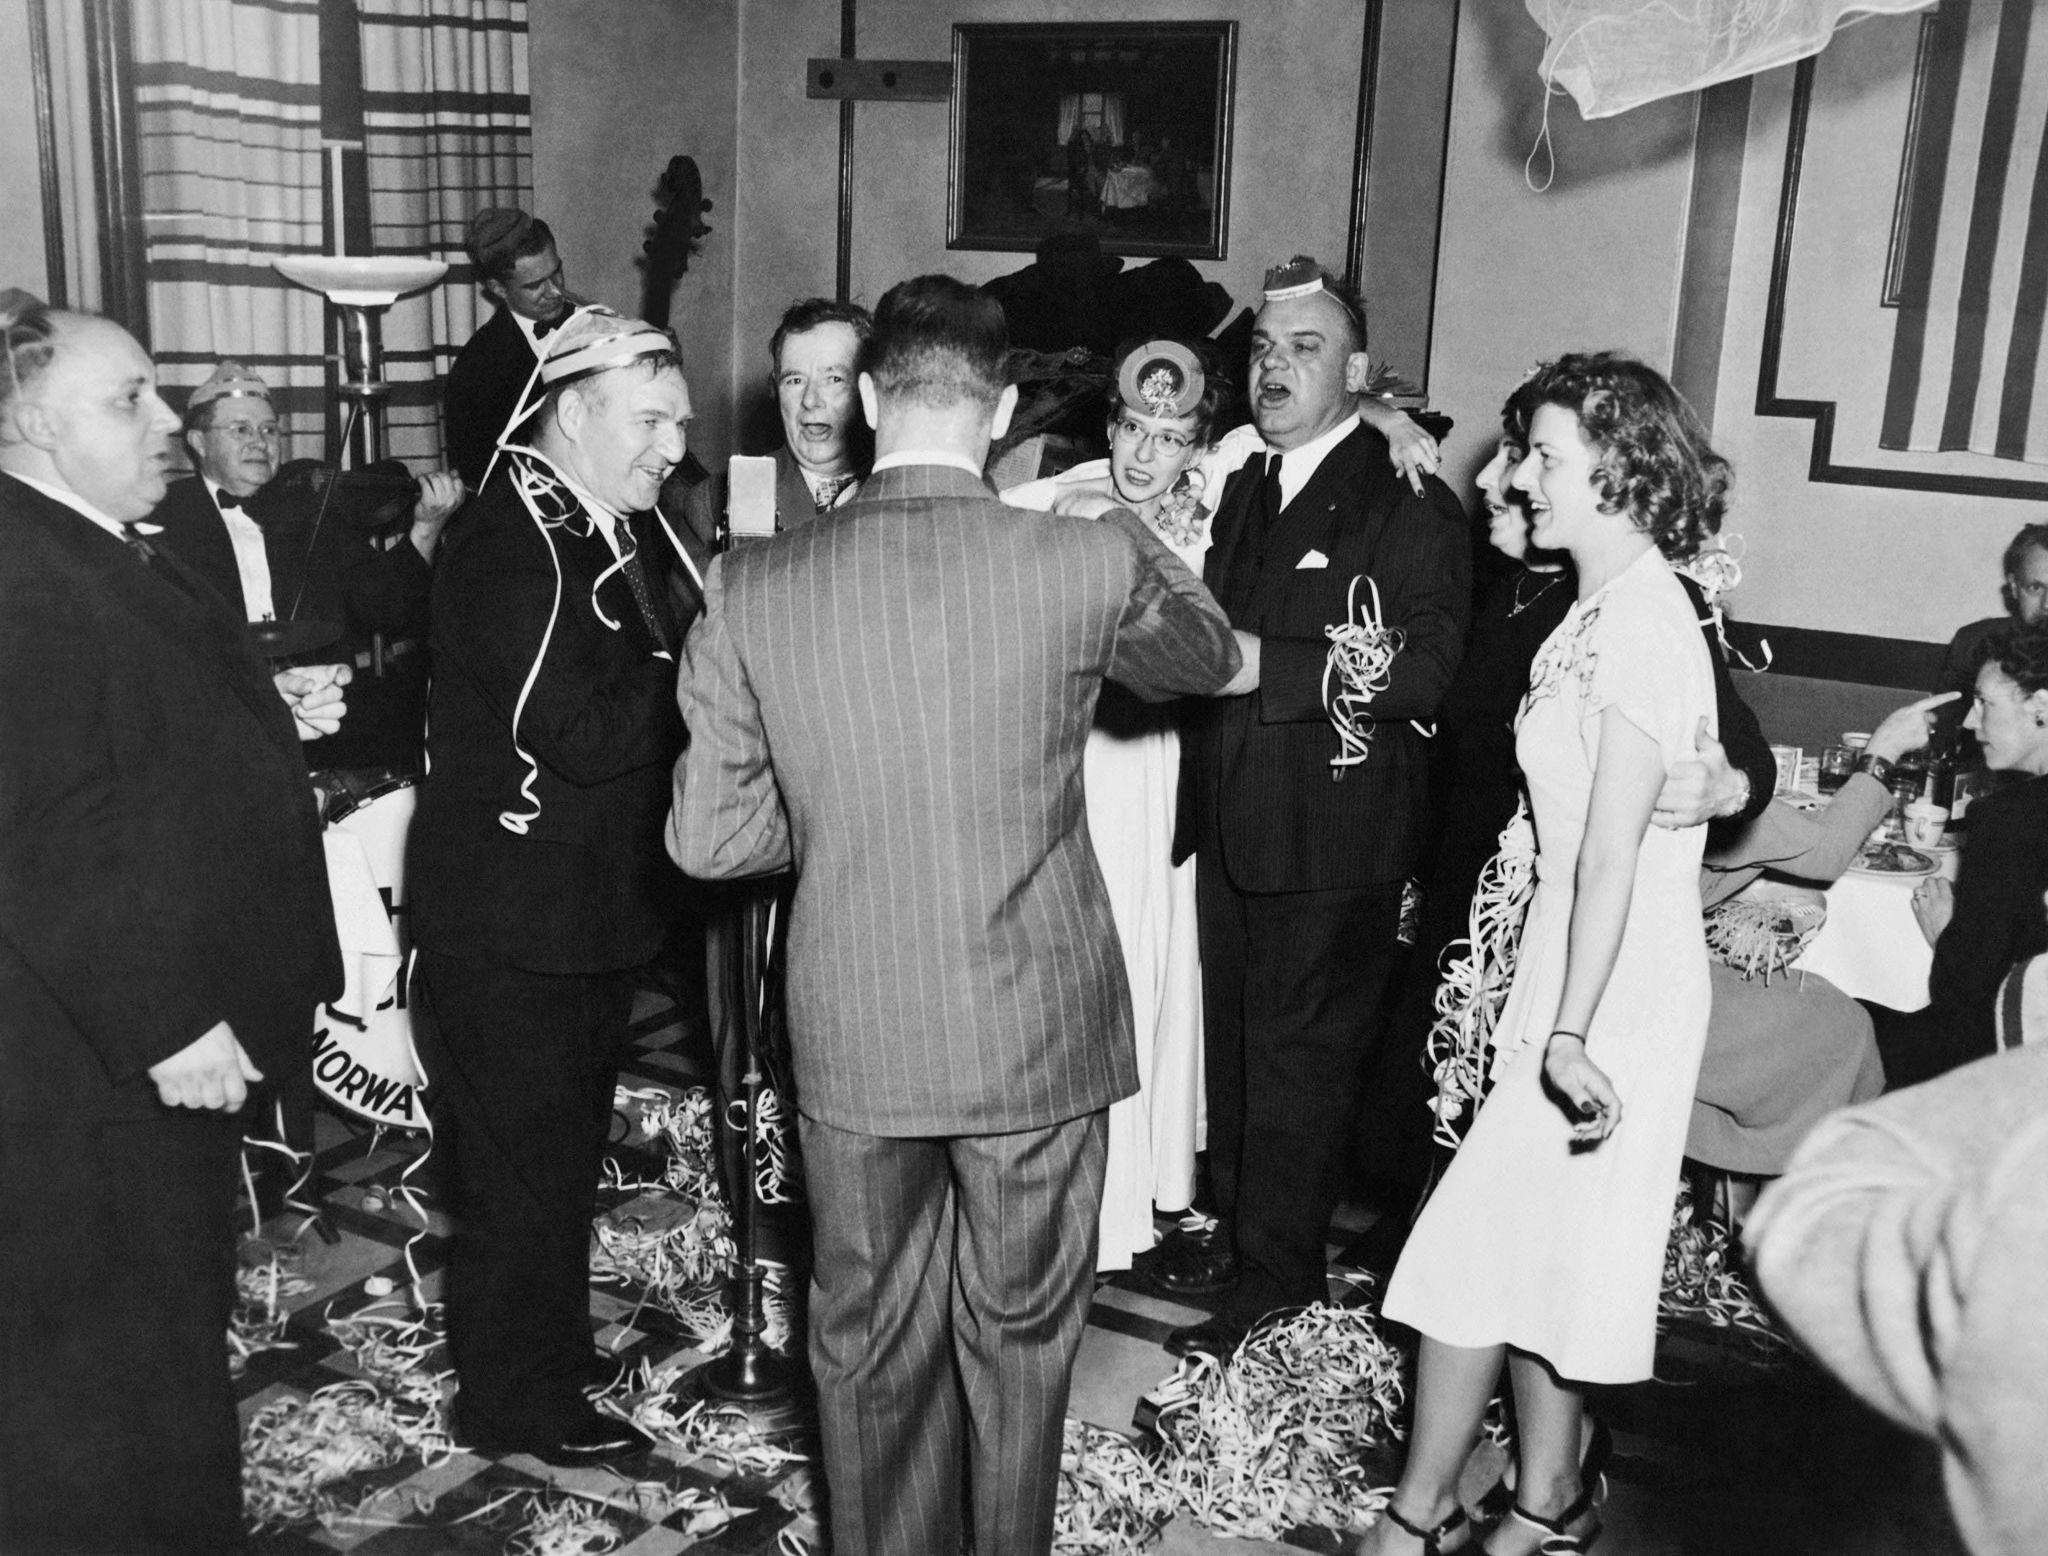 1948. Группа людей на новогодней вечеринке в отеле Stone поет и веселится.jpg